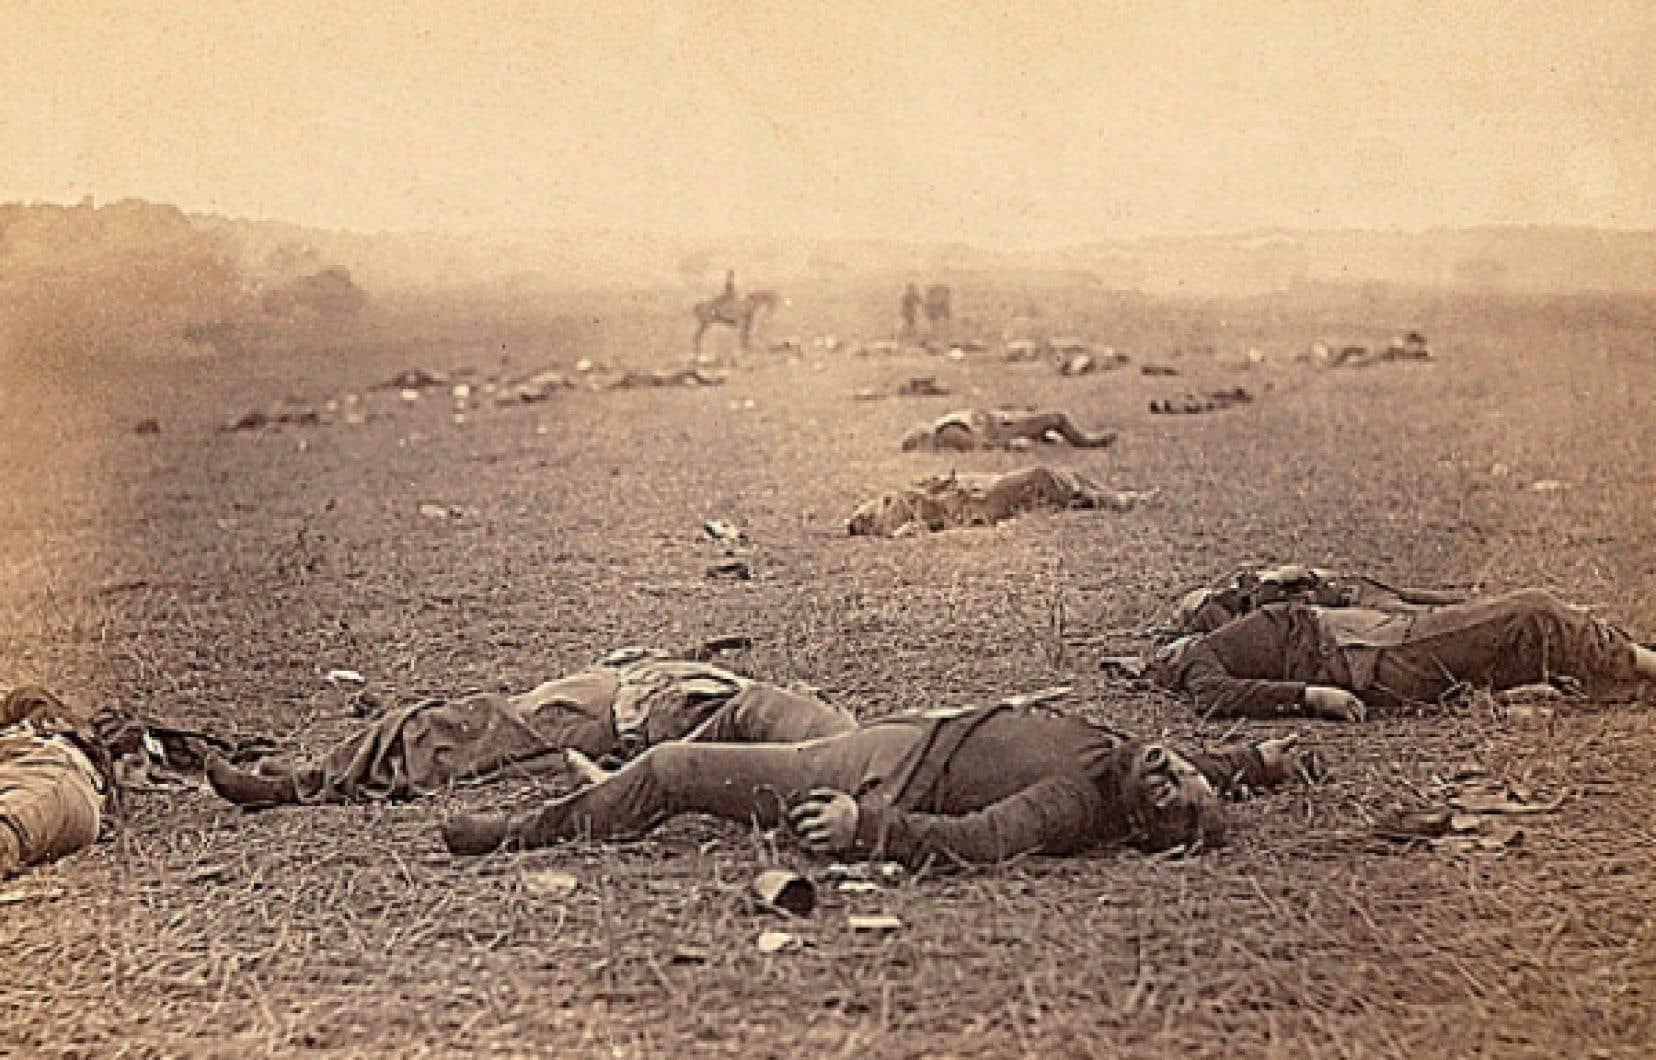 Guerre De Sécession Photos les 150 ans de la guerre de sécession - «l'esclavage a pris fin, pas